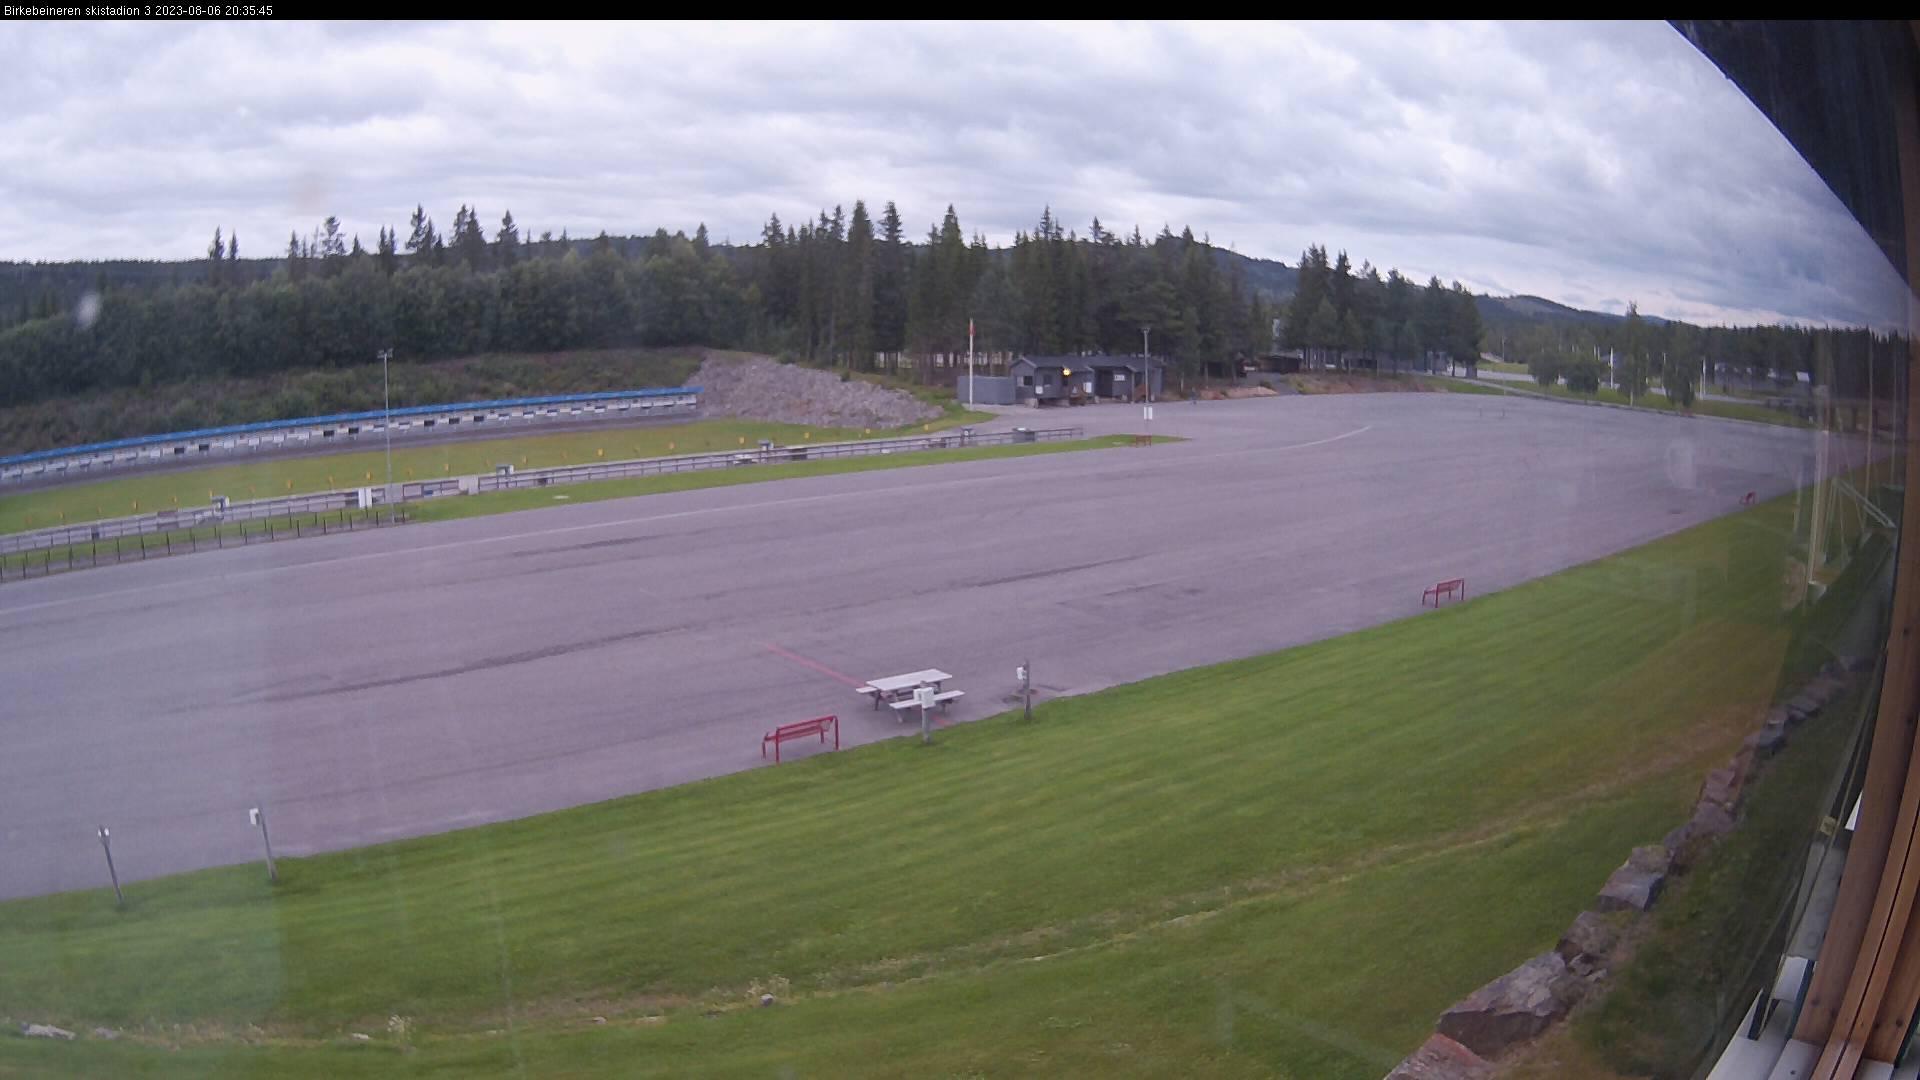 Birkebeiner skiskyterstadion